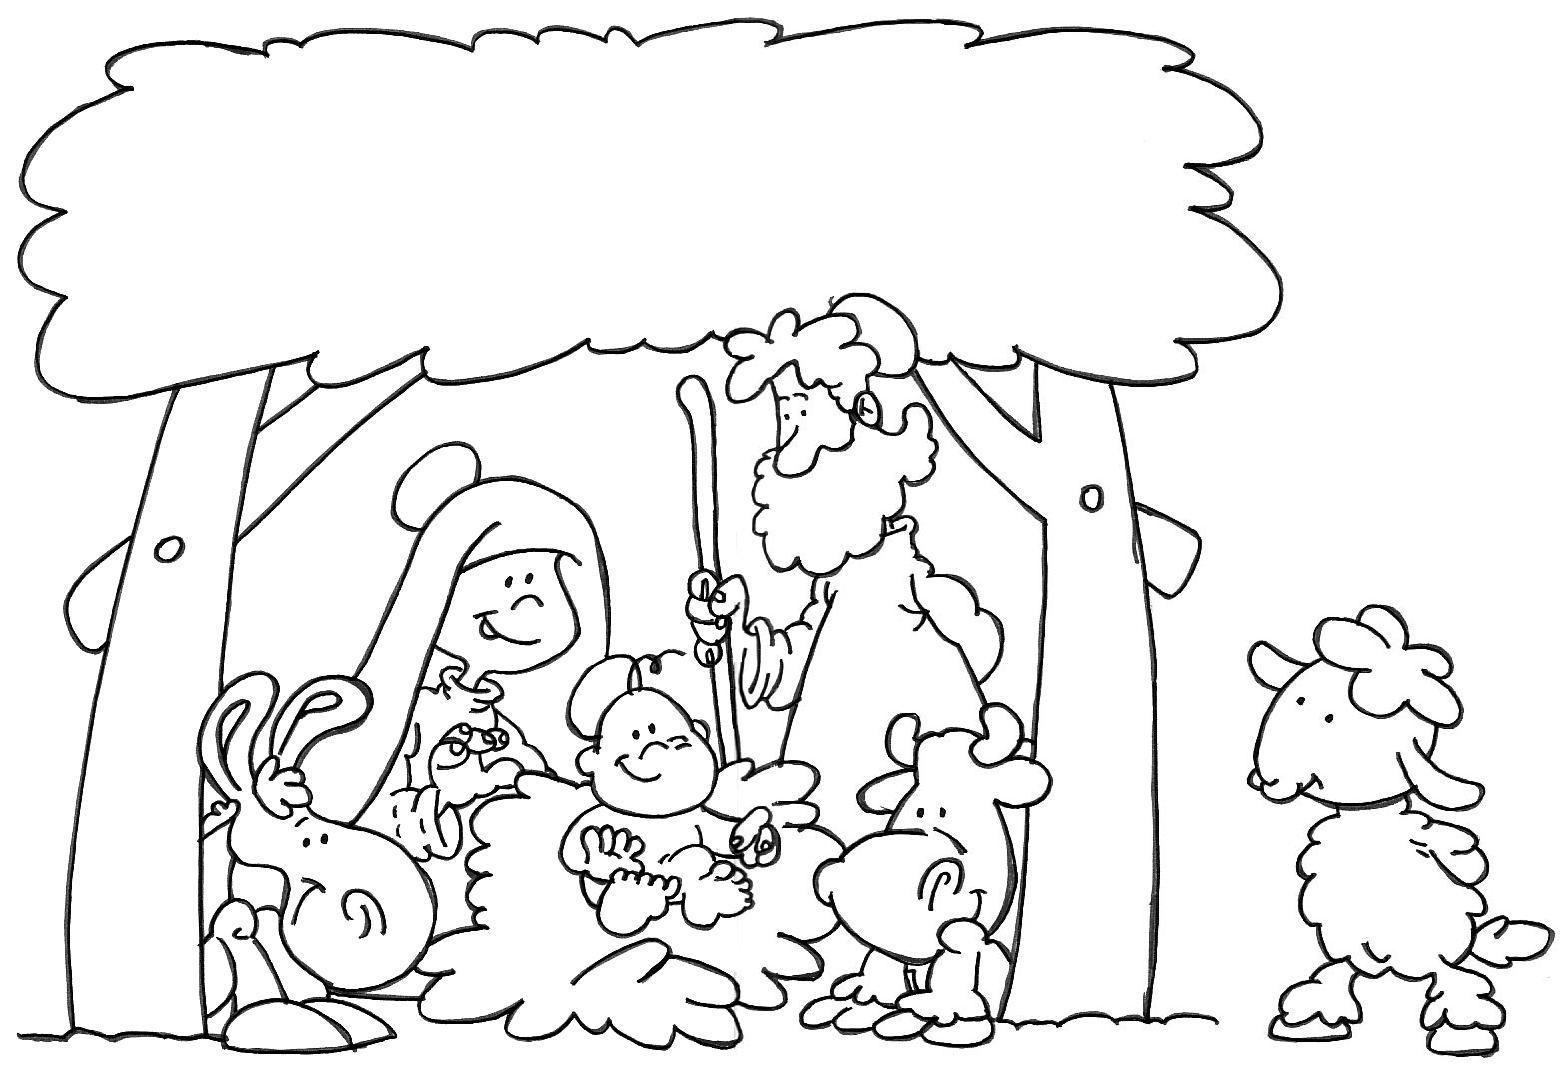 Dibujos Navideos Originales Dibujos Para Colorear De Navidad With - Dibujos-originales-de-navidad